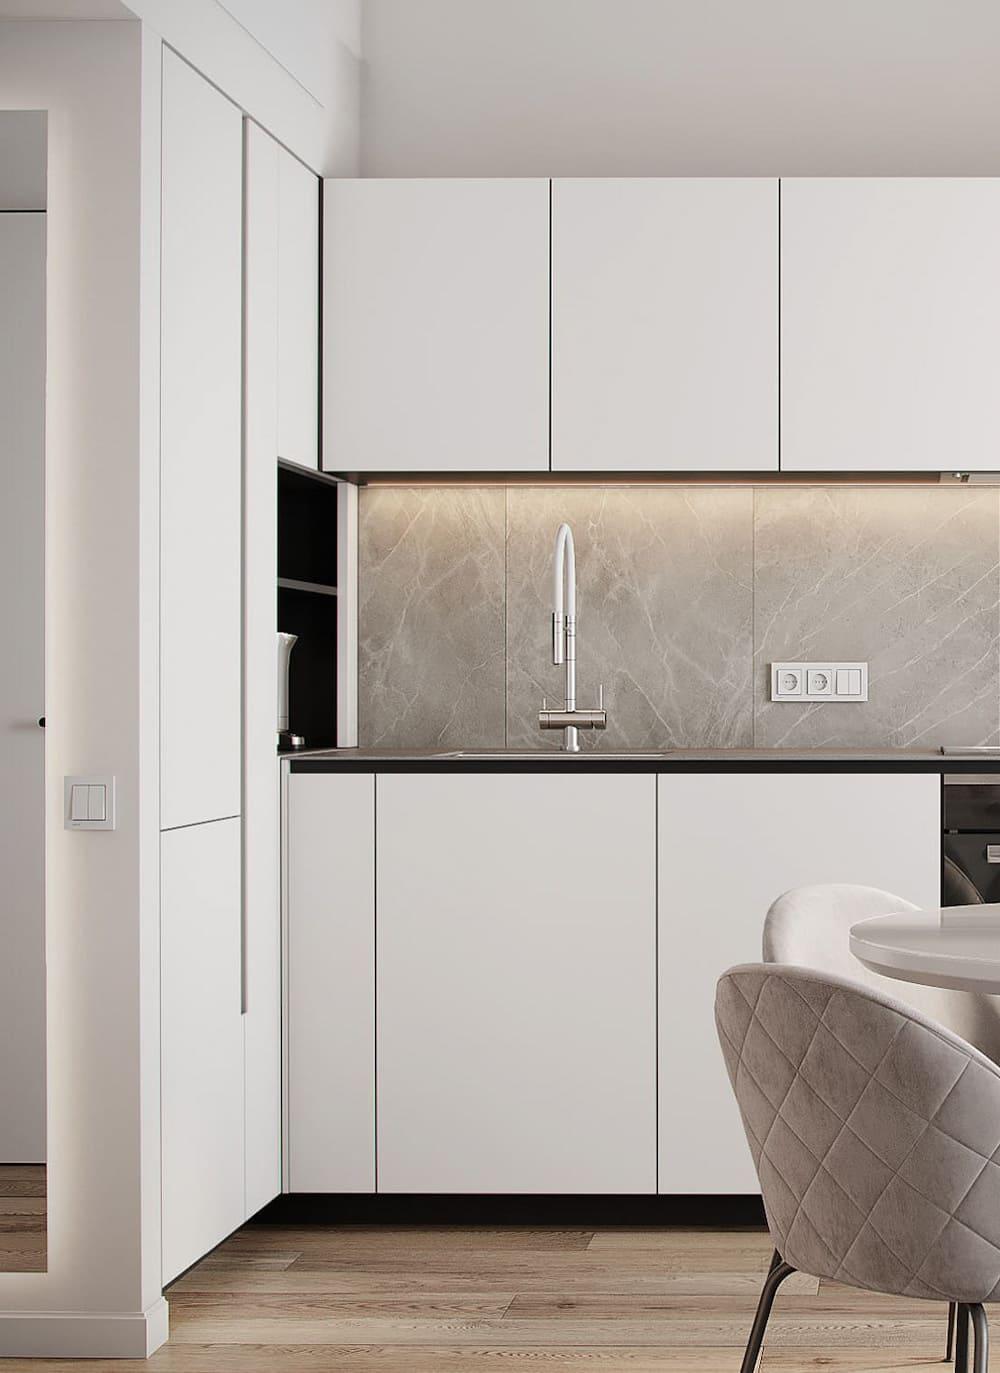 дизайн кухни в современном стиле фото 28